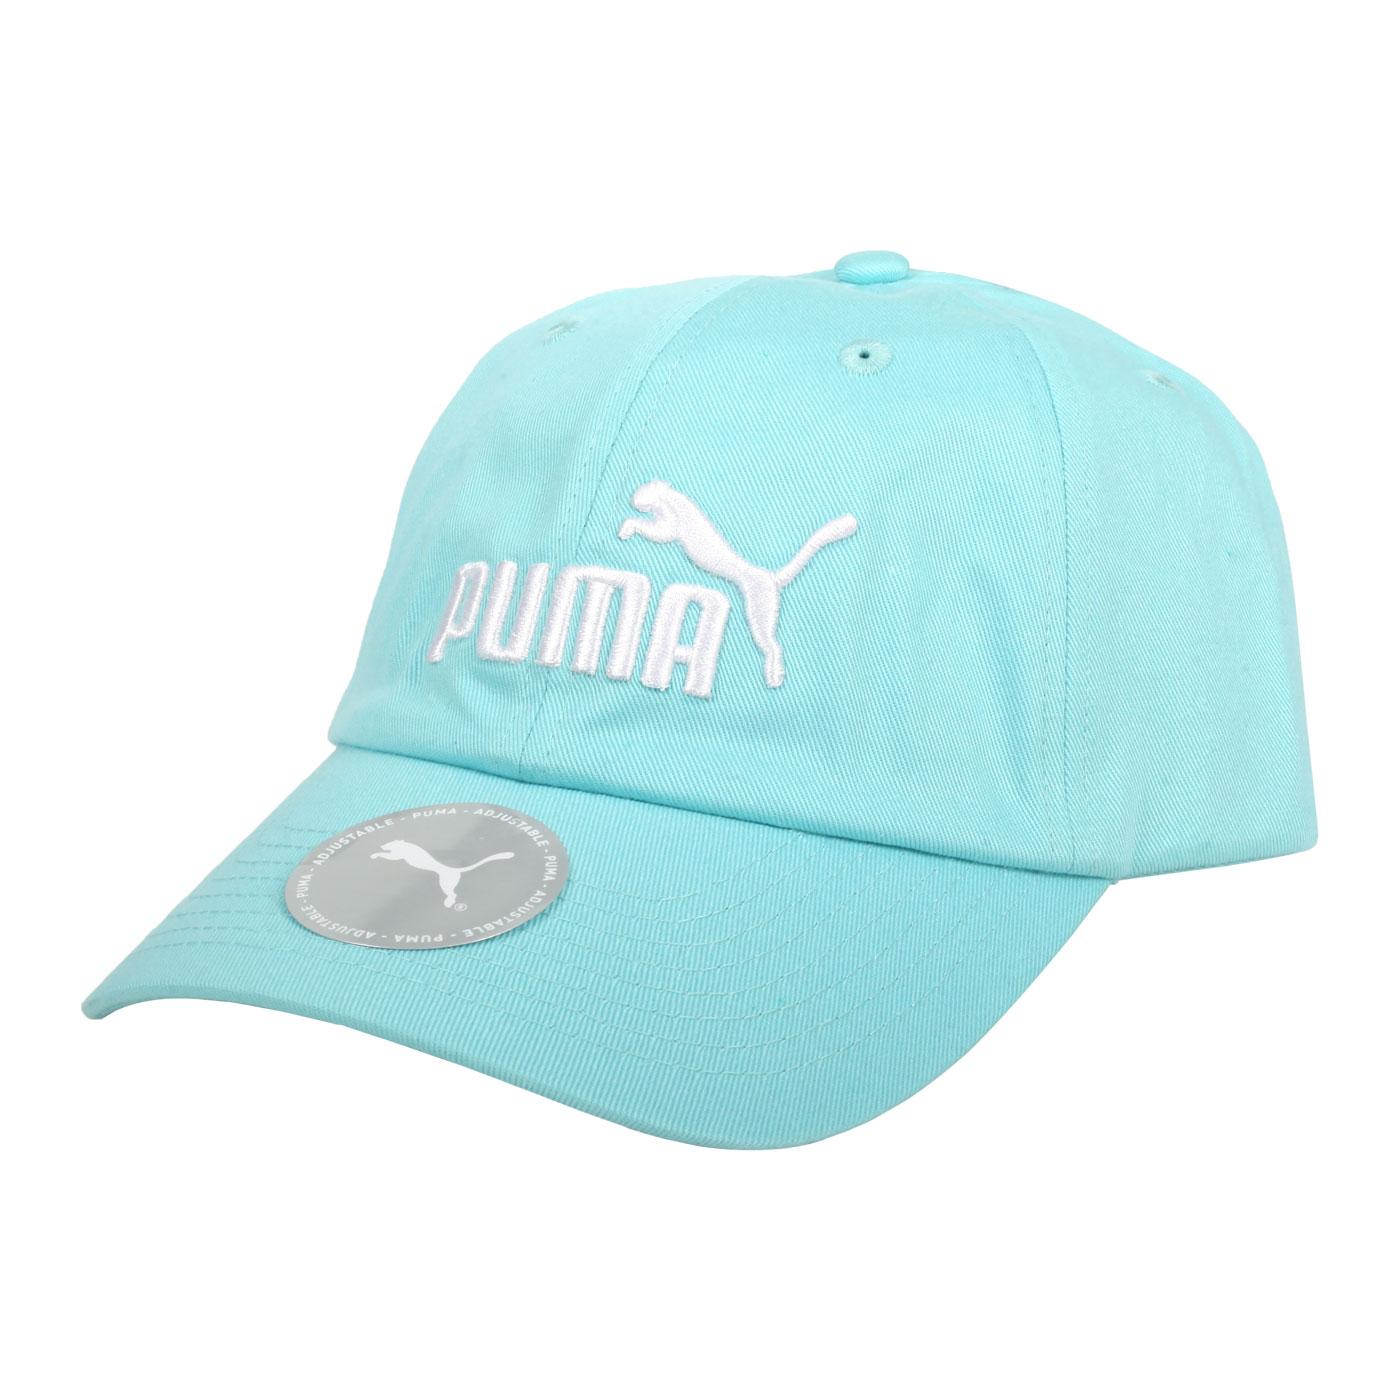 PUMA 基本系列棒球帽 02241638 - 粉藍白